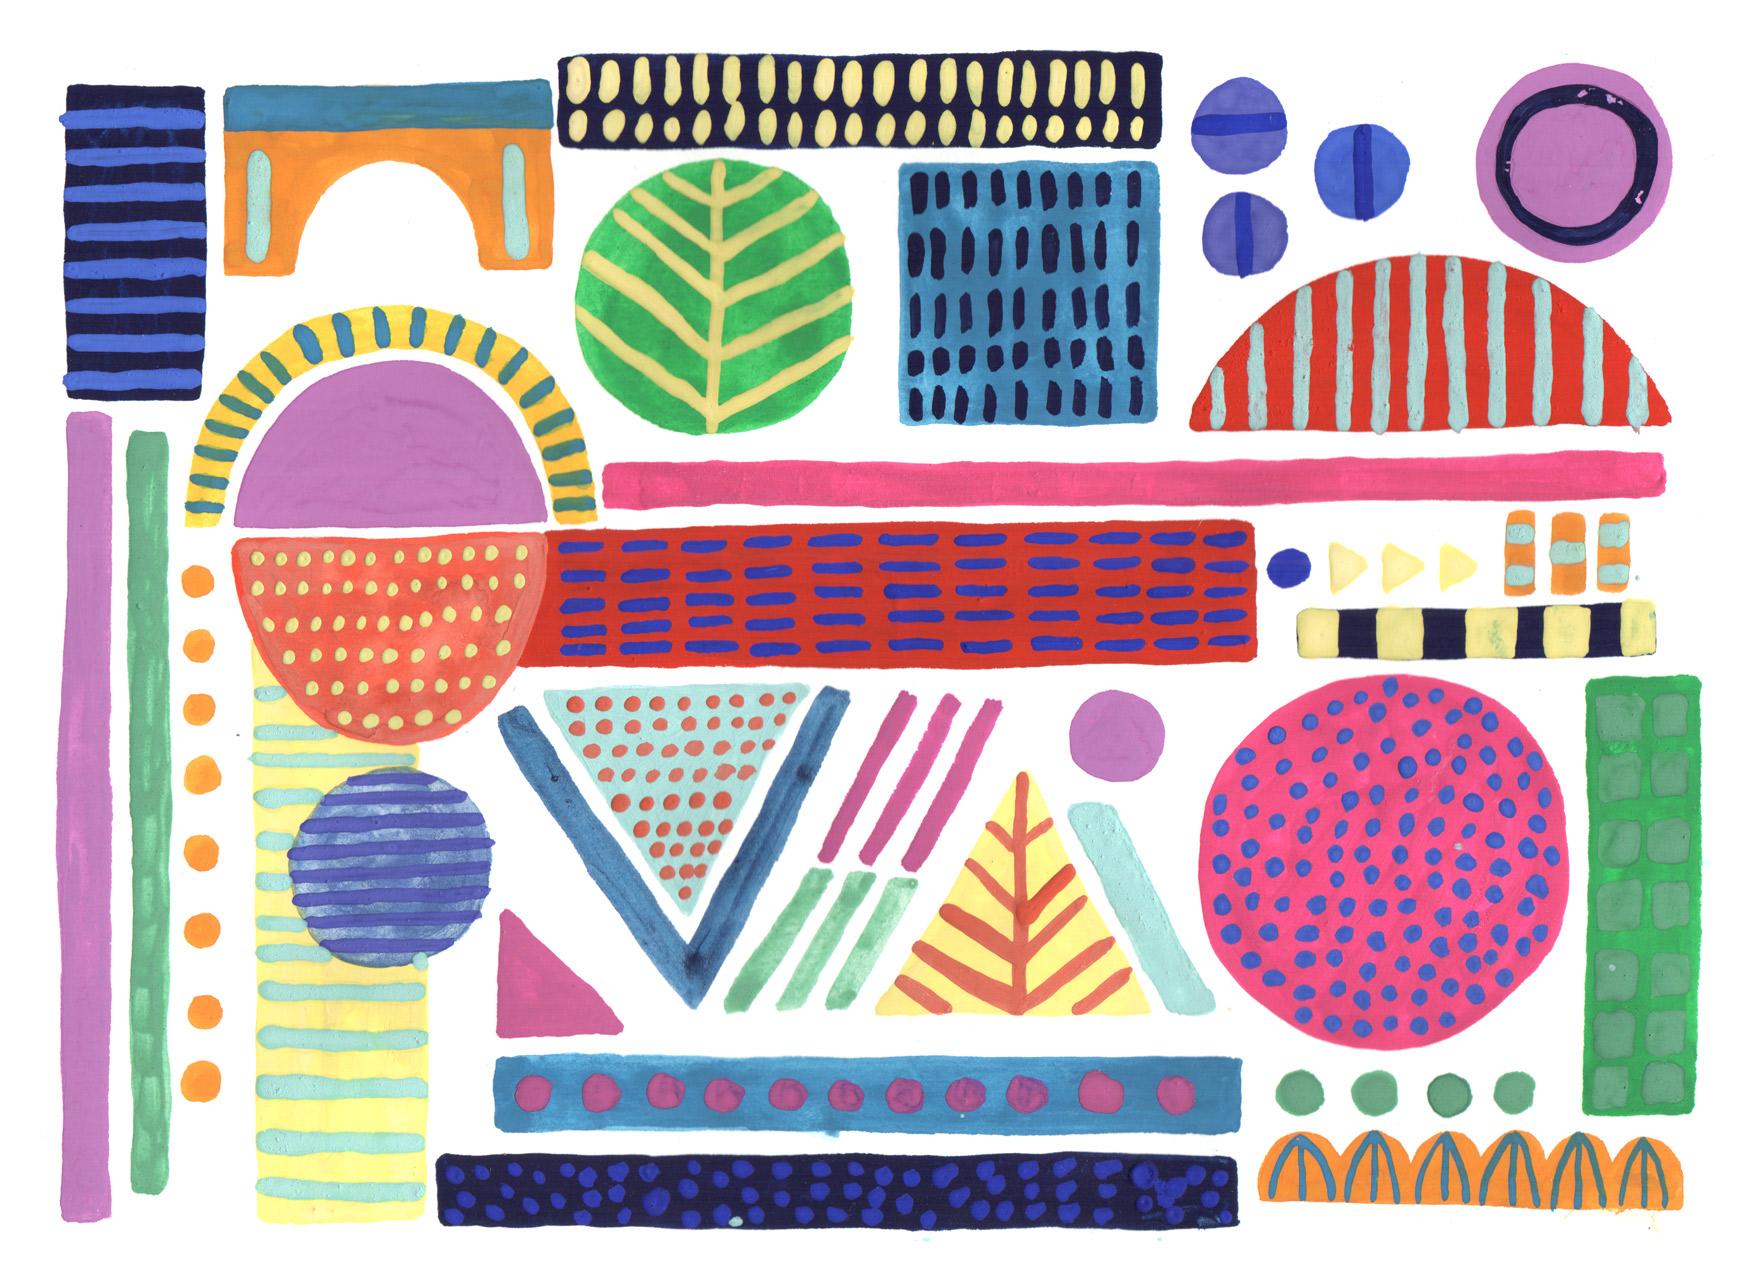 illustration-muster2-deborahlaetsch.jpg